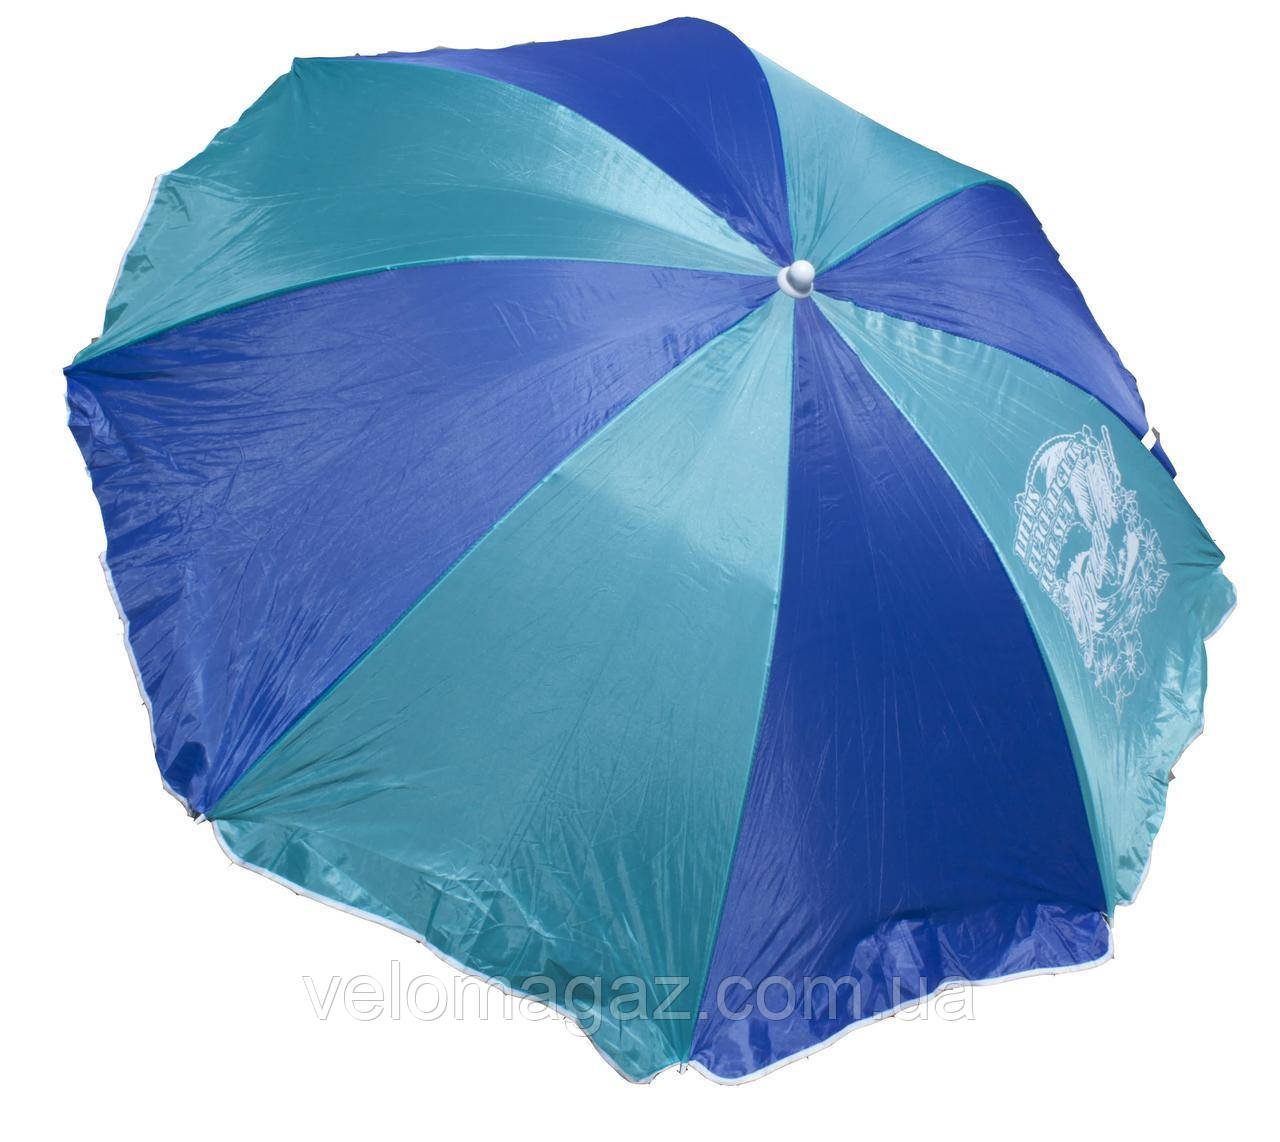 Пляжный зонт 1,5 м  чехол, сине-бирюзовый